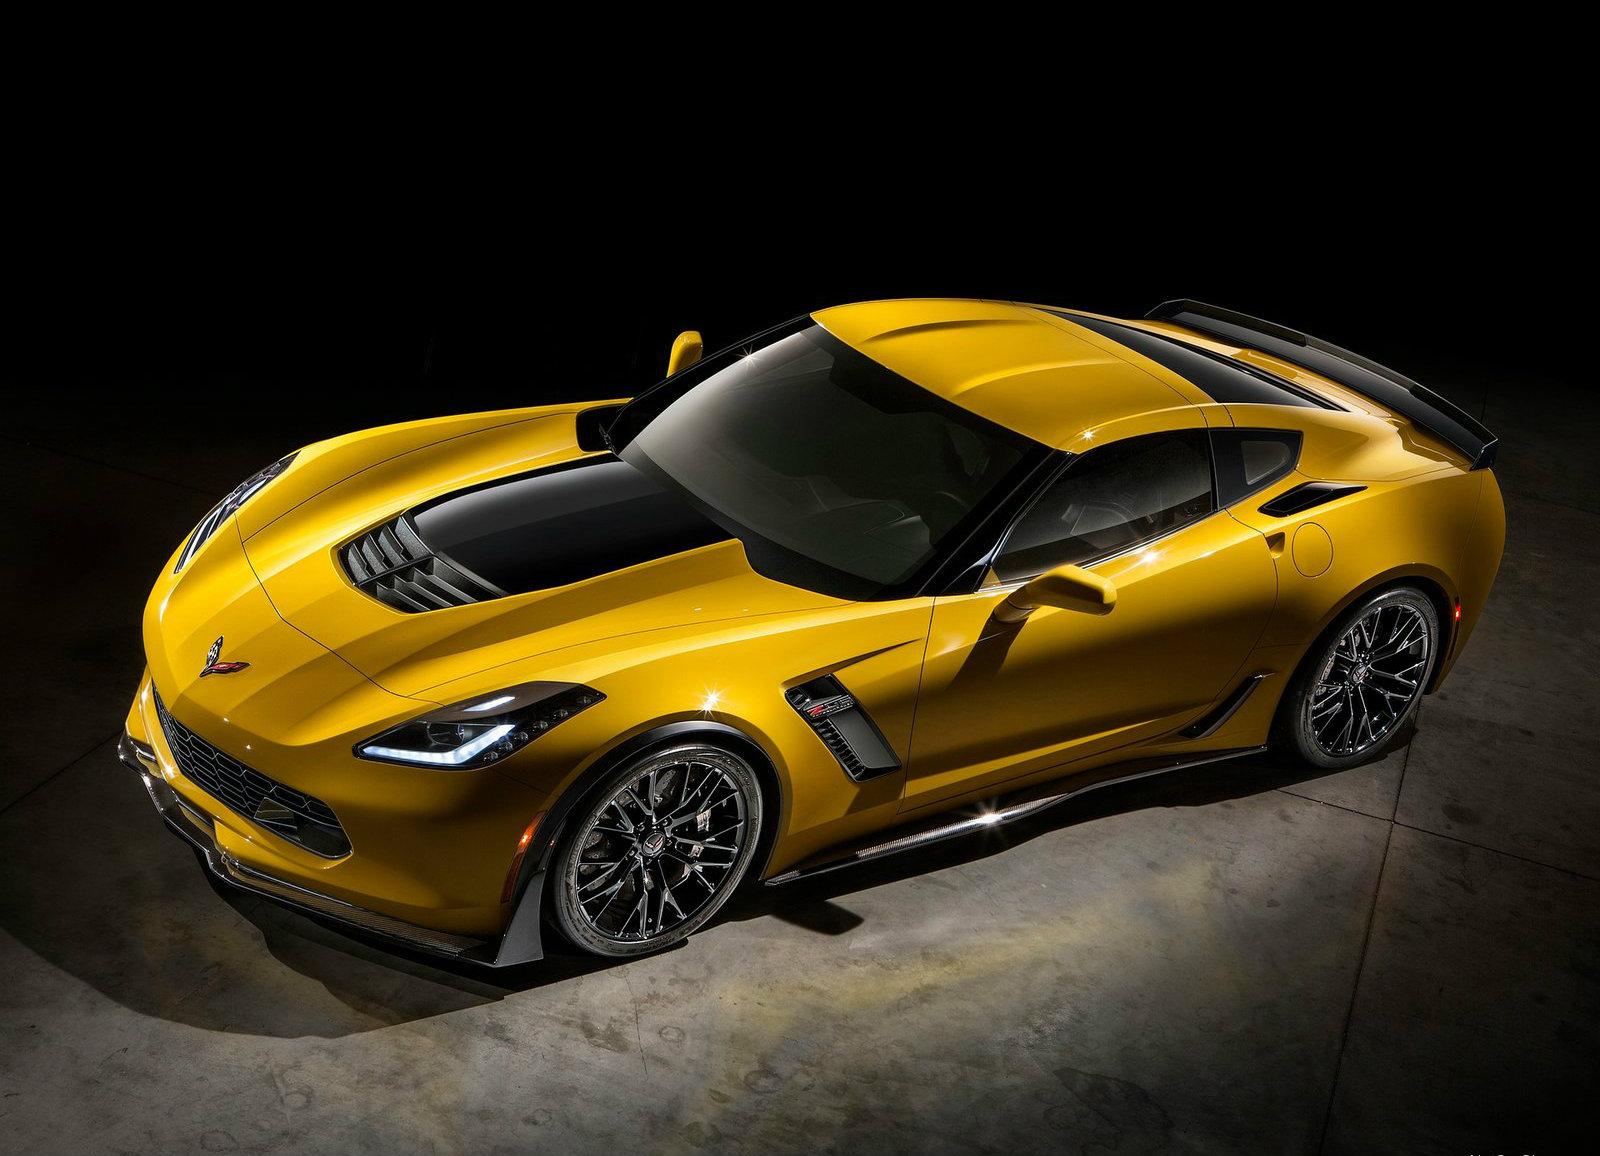 2015 Chevrolet Corvette Z06 Packs 650 Horsepower - autoevolution